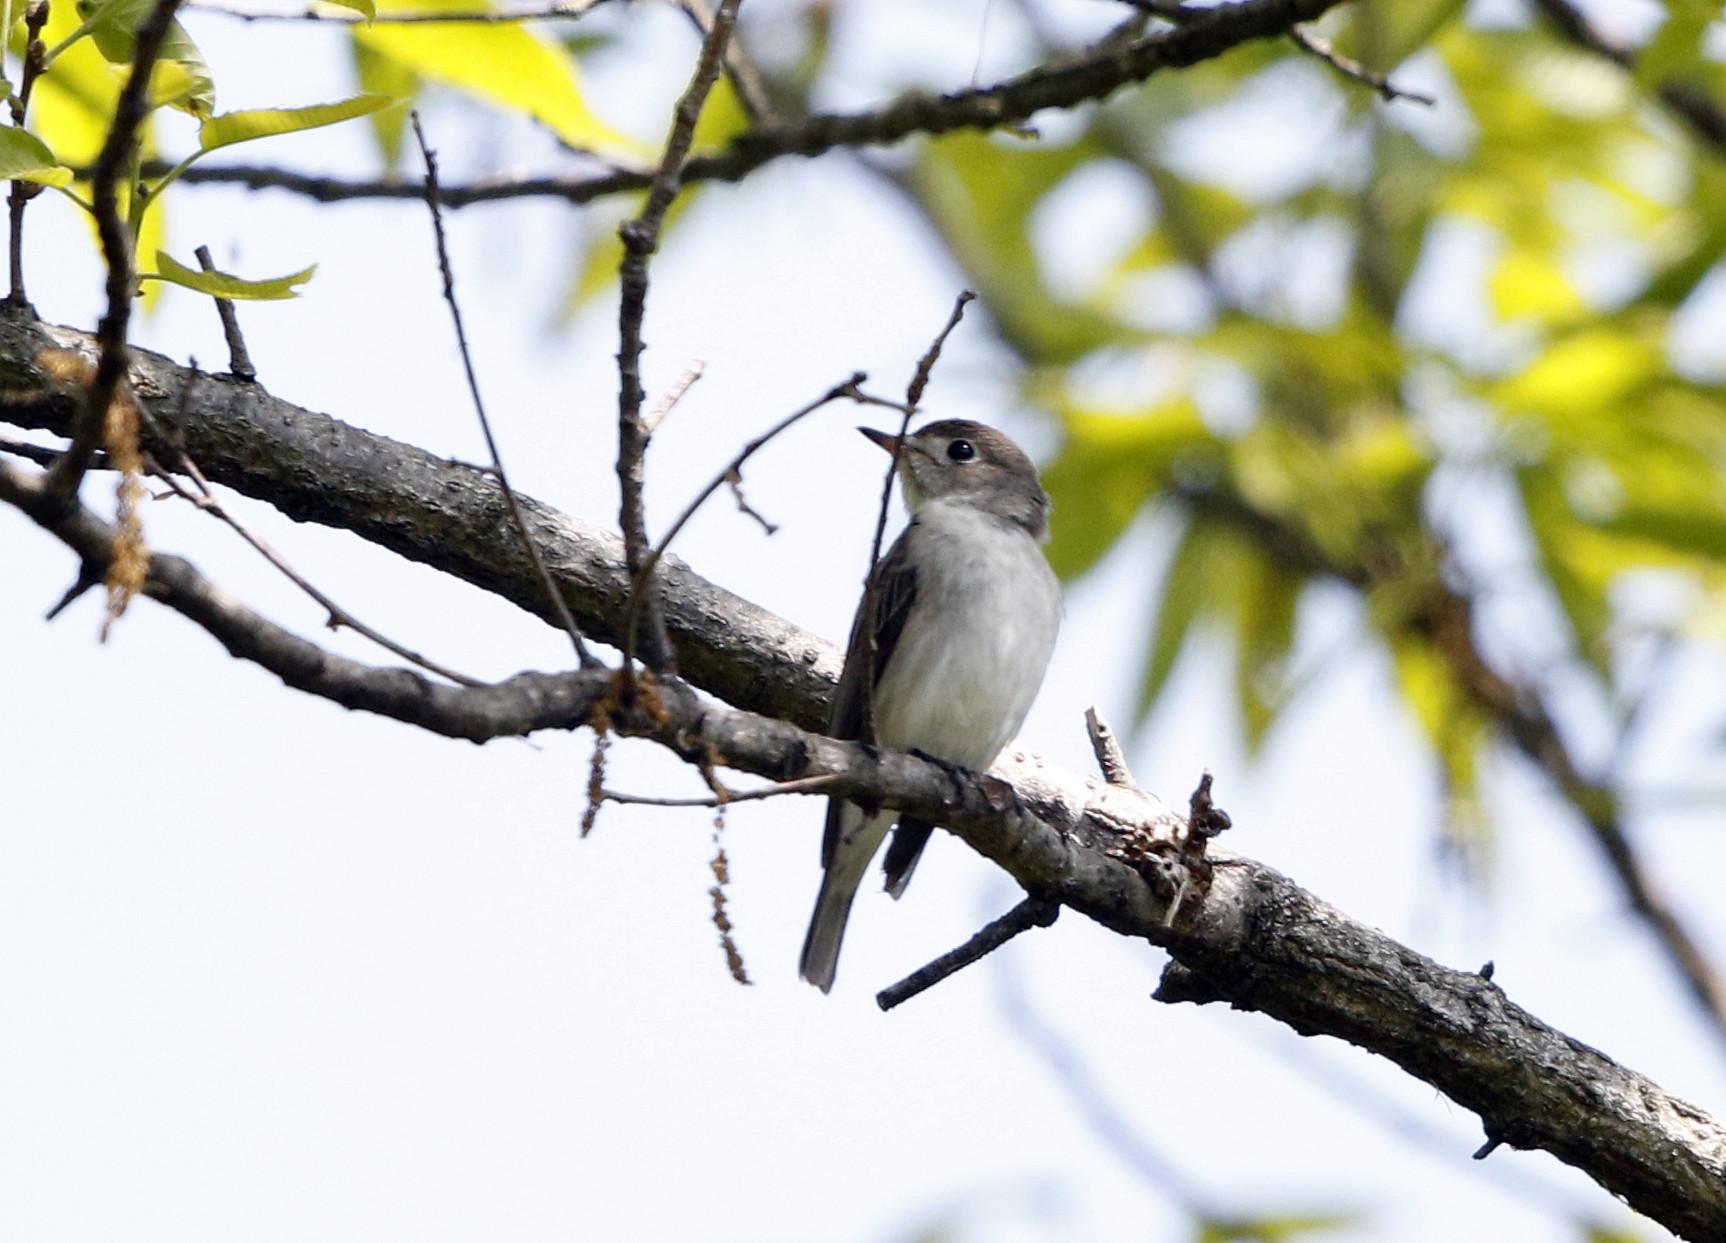 MFの森でコサメビタキに出会う_f0239515_20341423.jpg